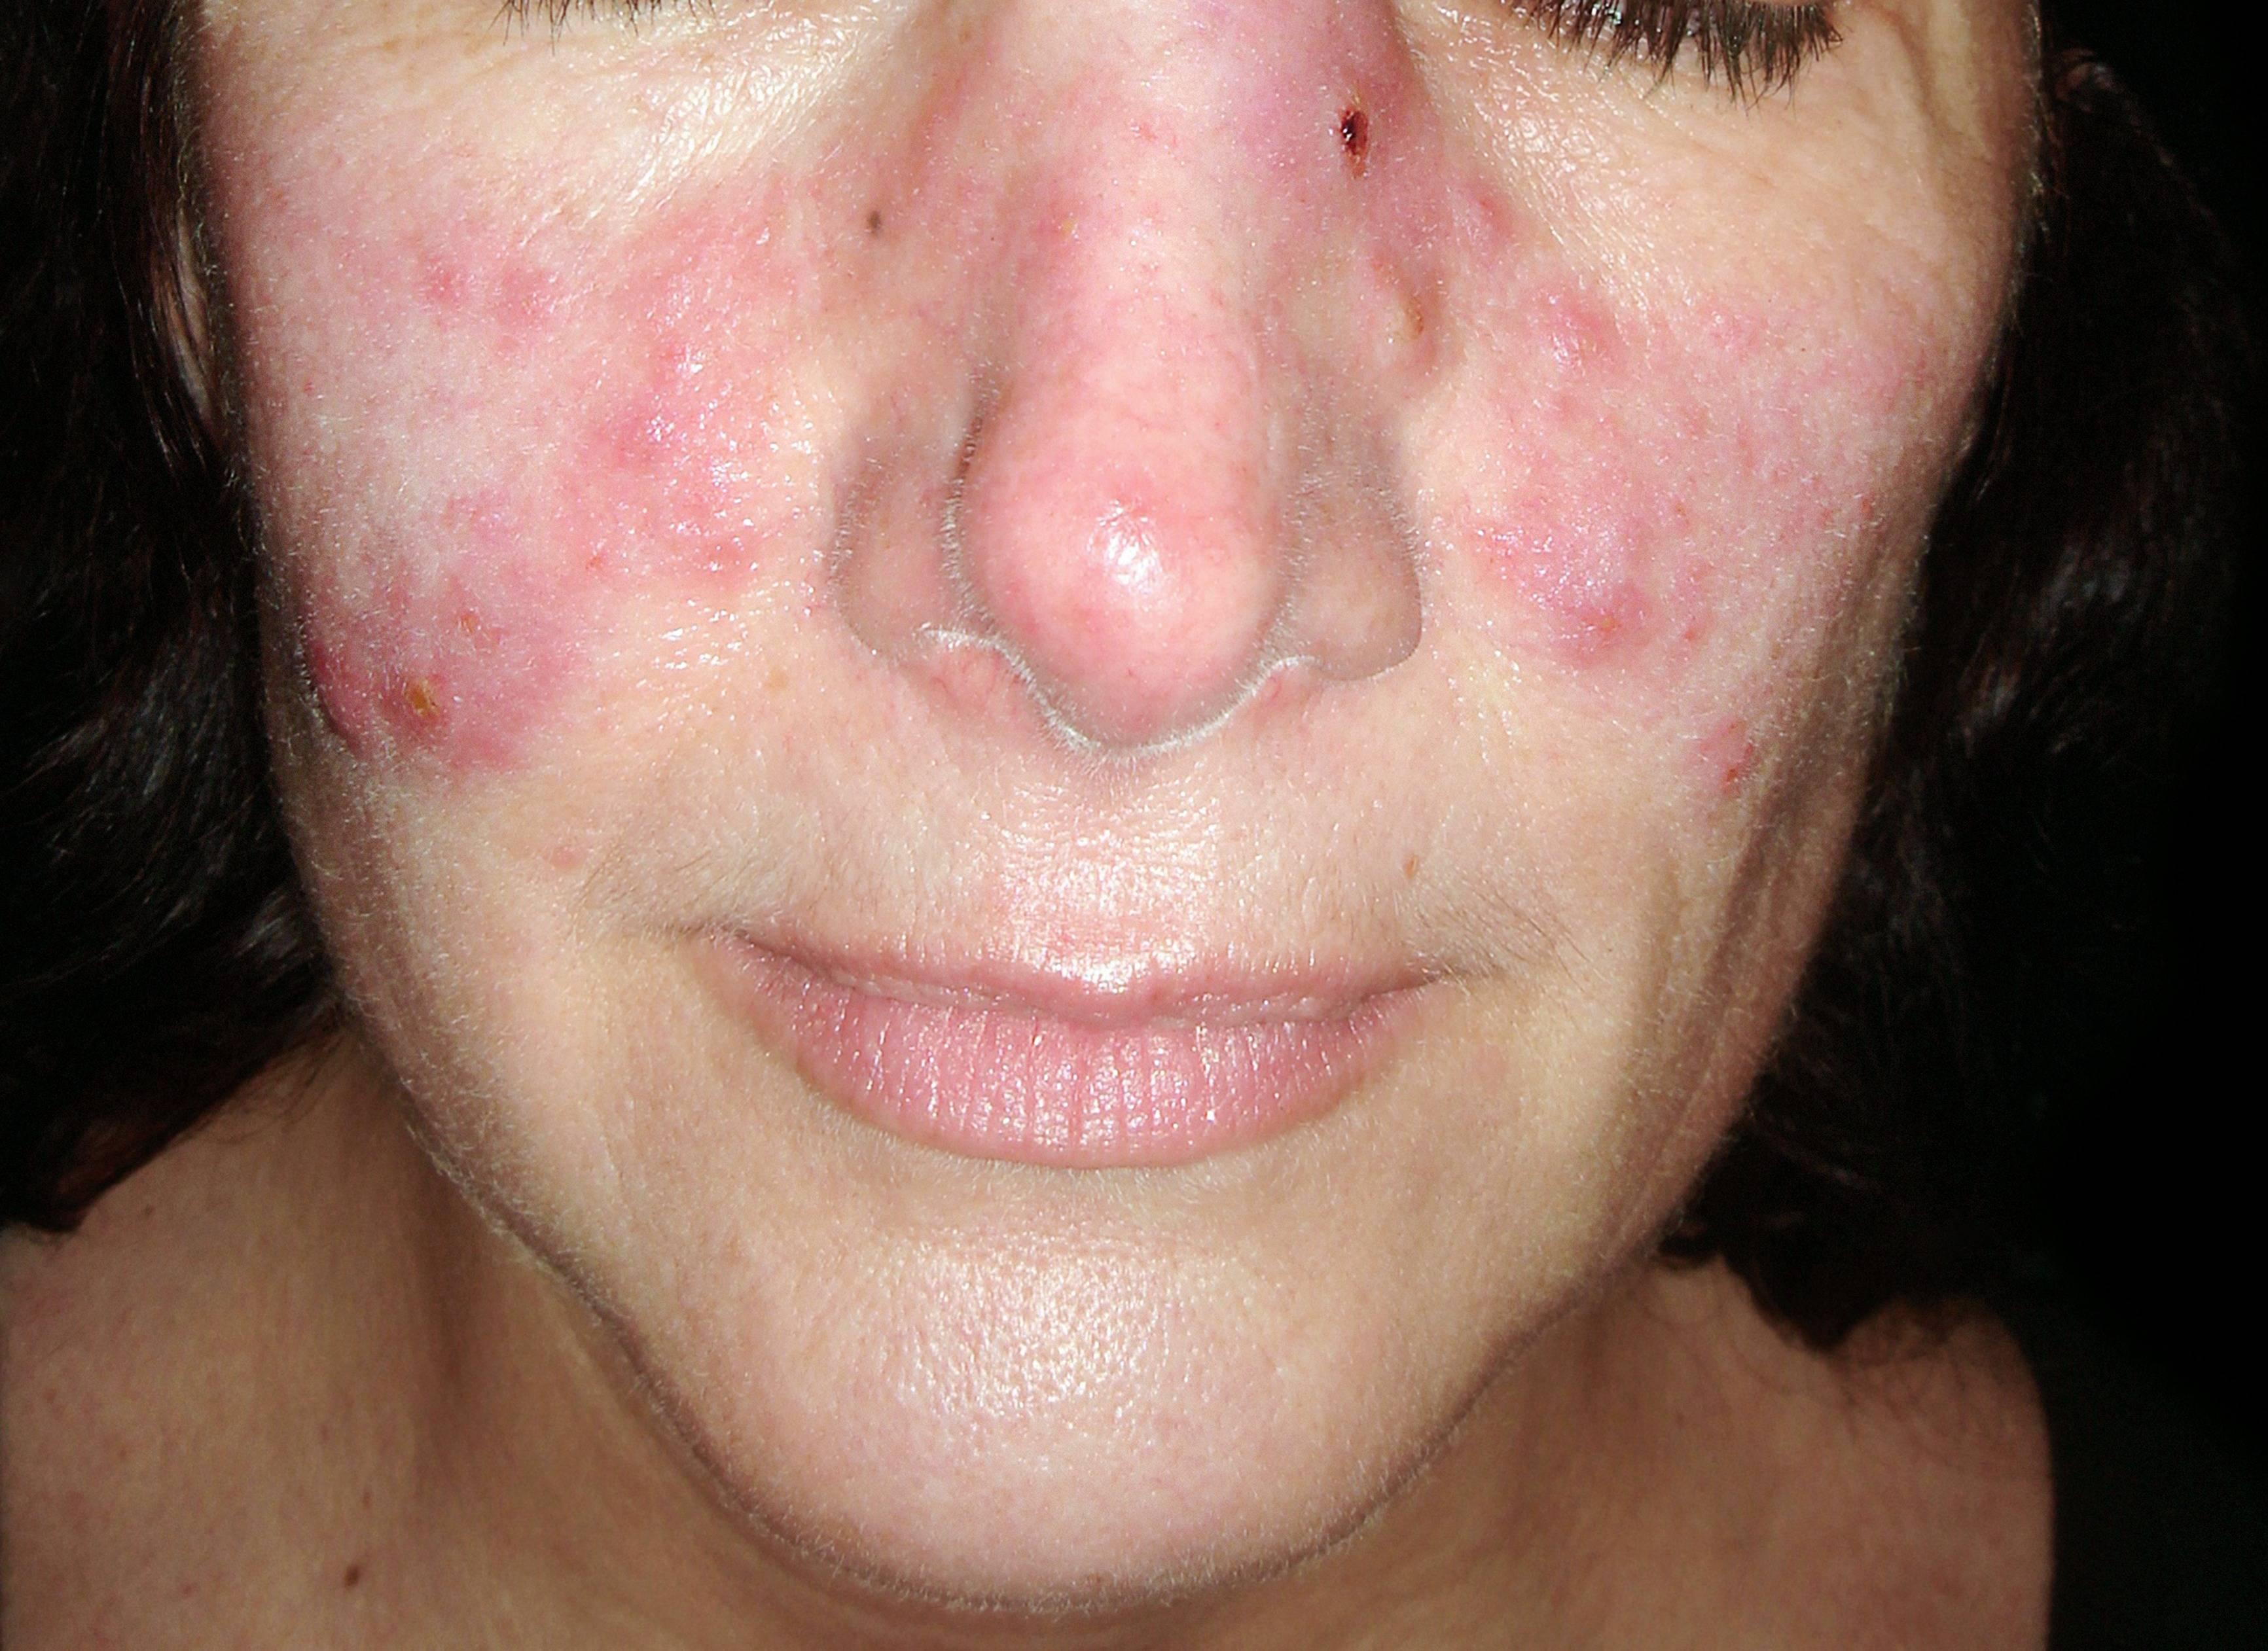 vörös foltok az arcon a szem közelében pikkelysömör az arcon gyógynövényes kezelés